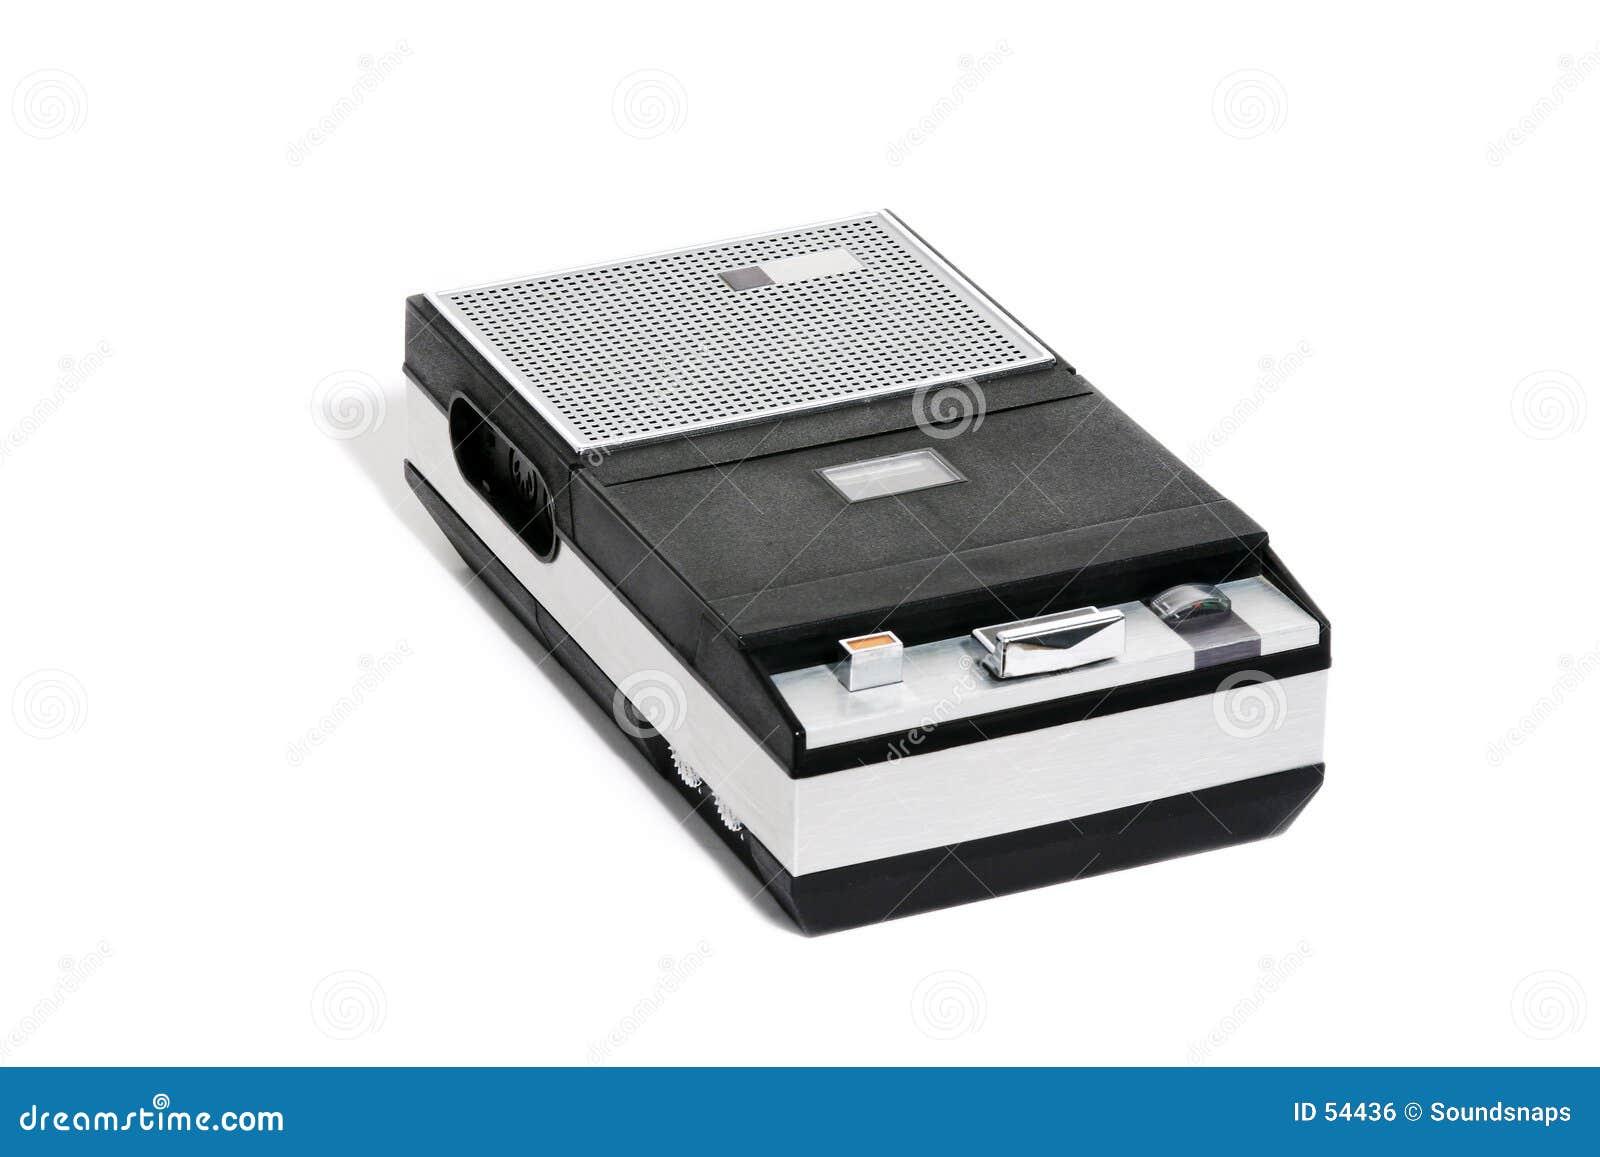 Cassette recorder retro